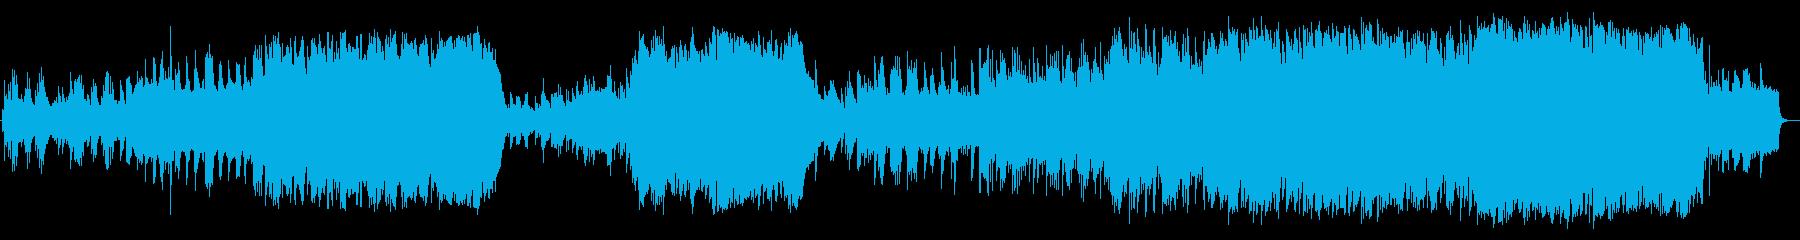 ピアノで奏でる壮大で感動的なバラードの再生済みの波形